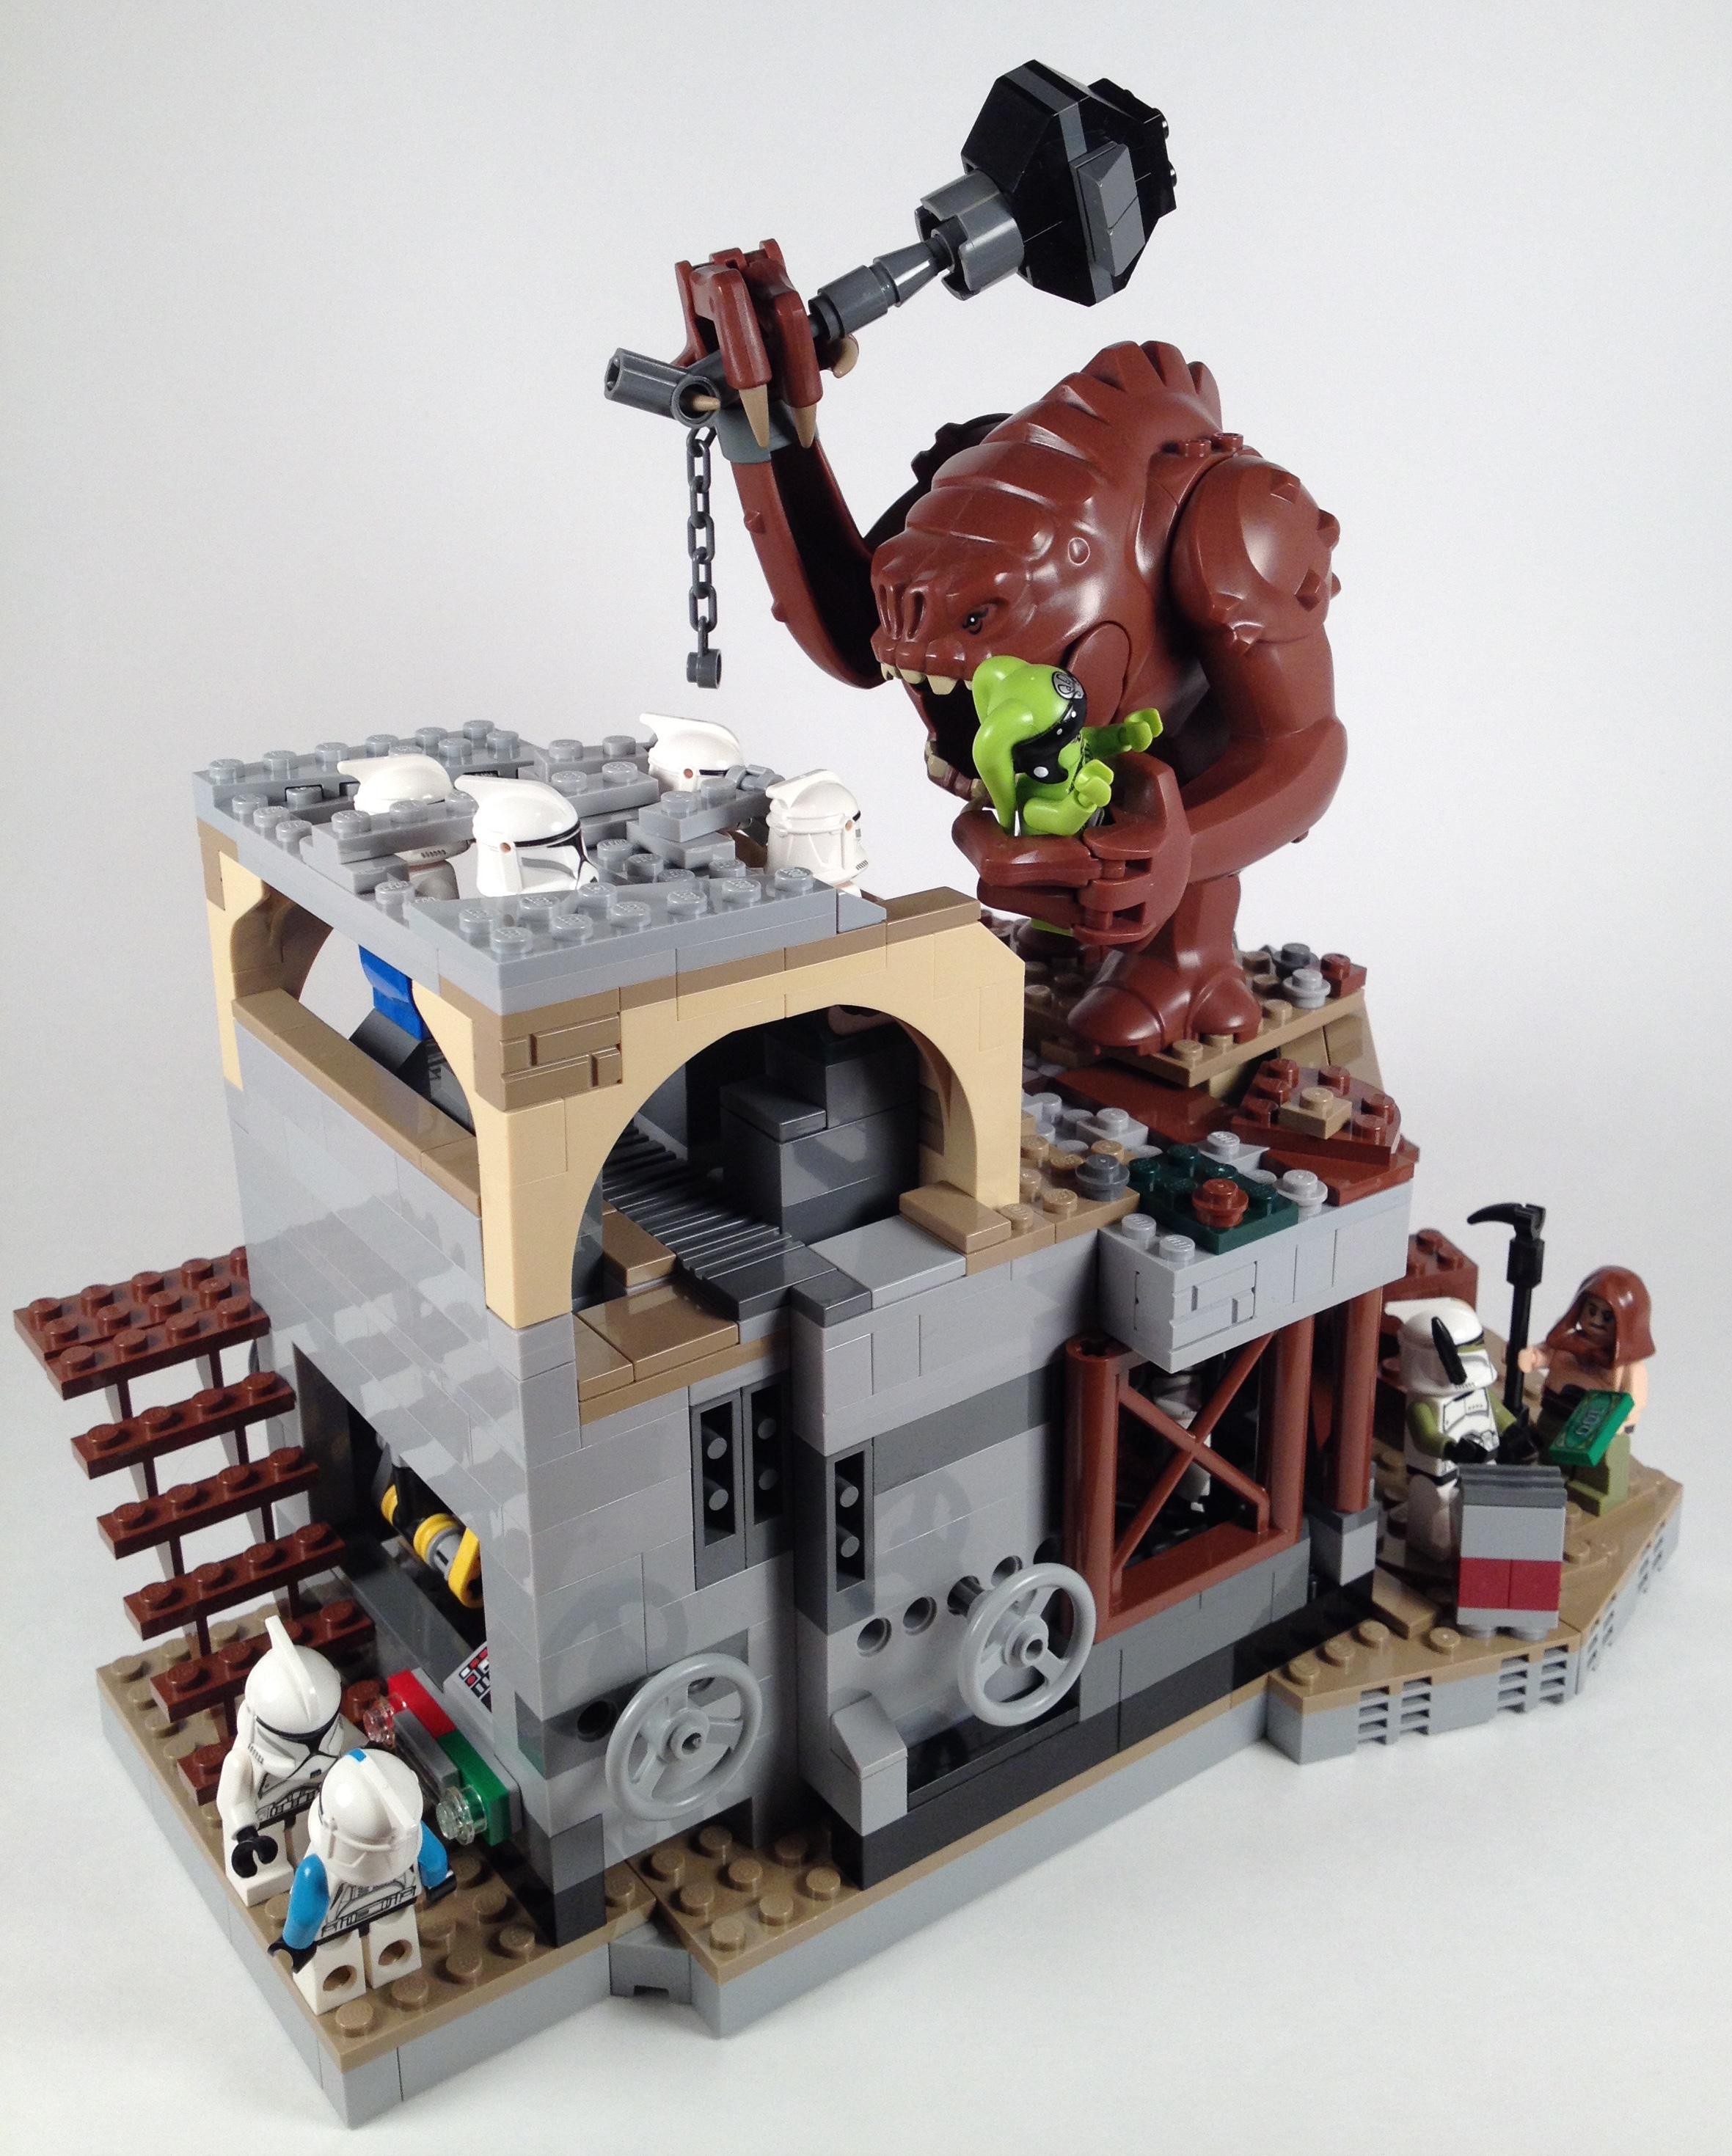 Original Creation Whack A Clone Brick Radar